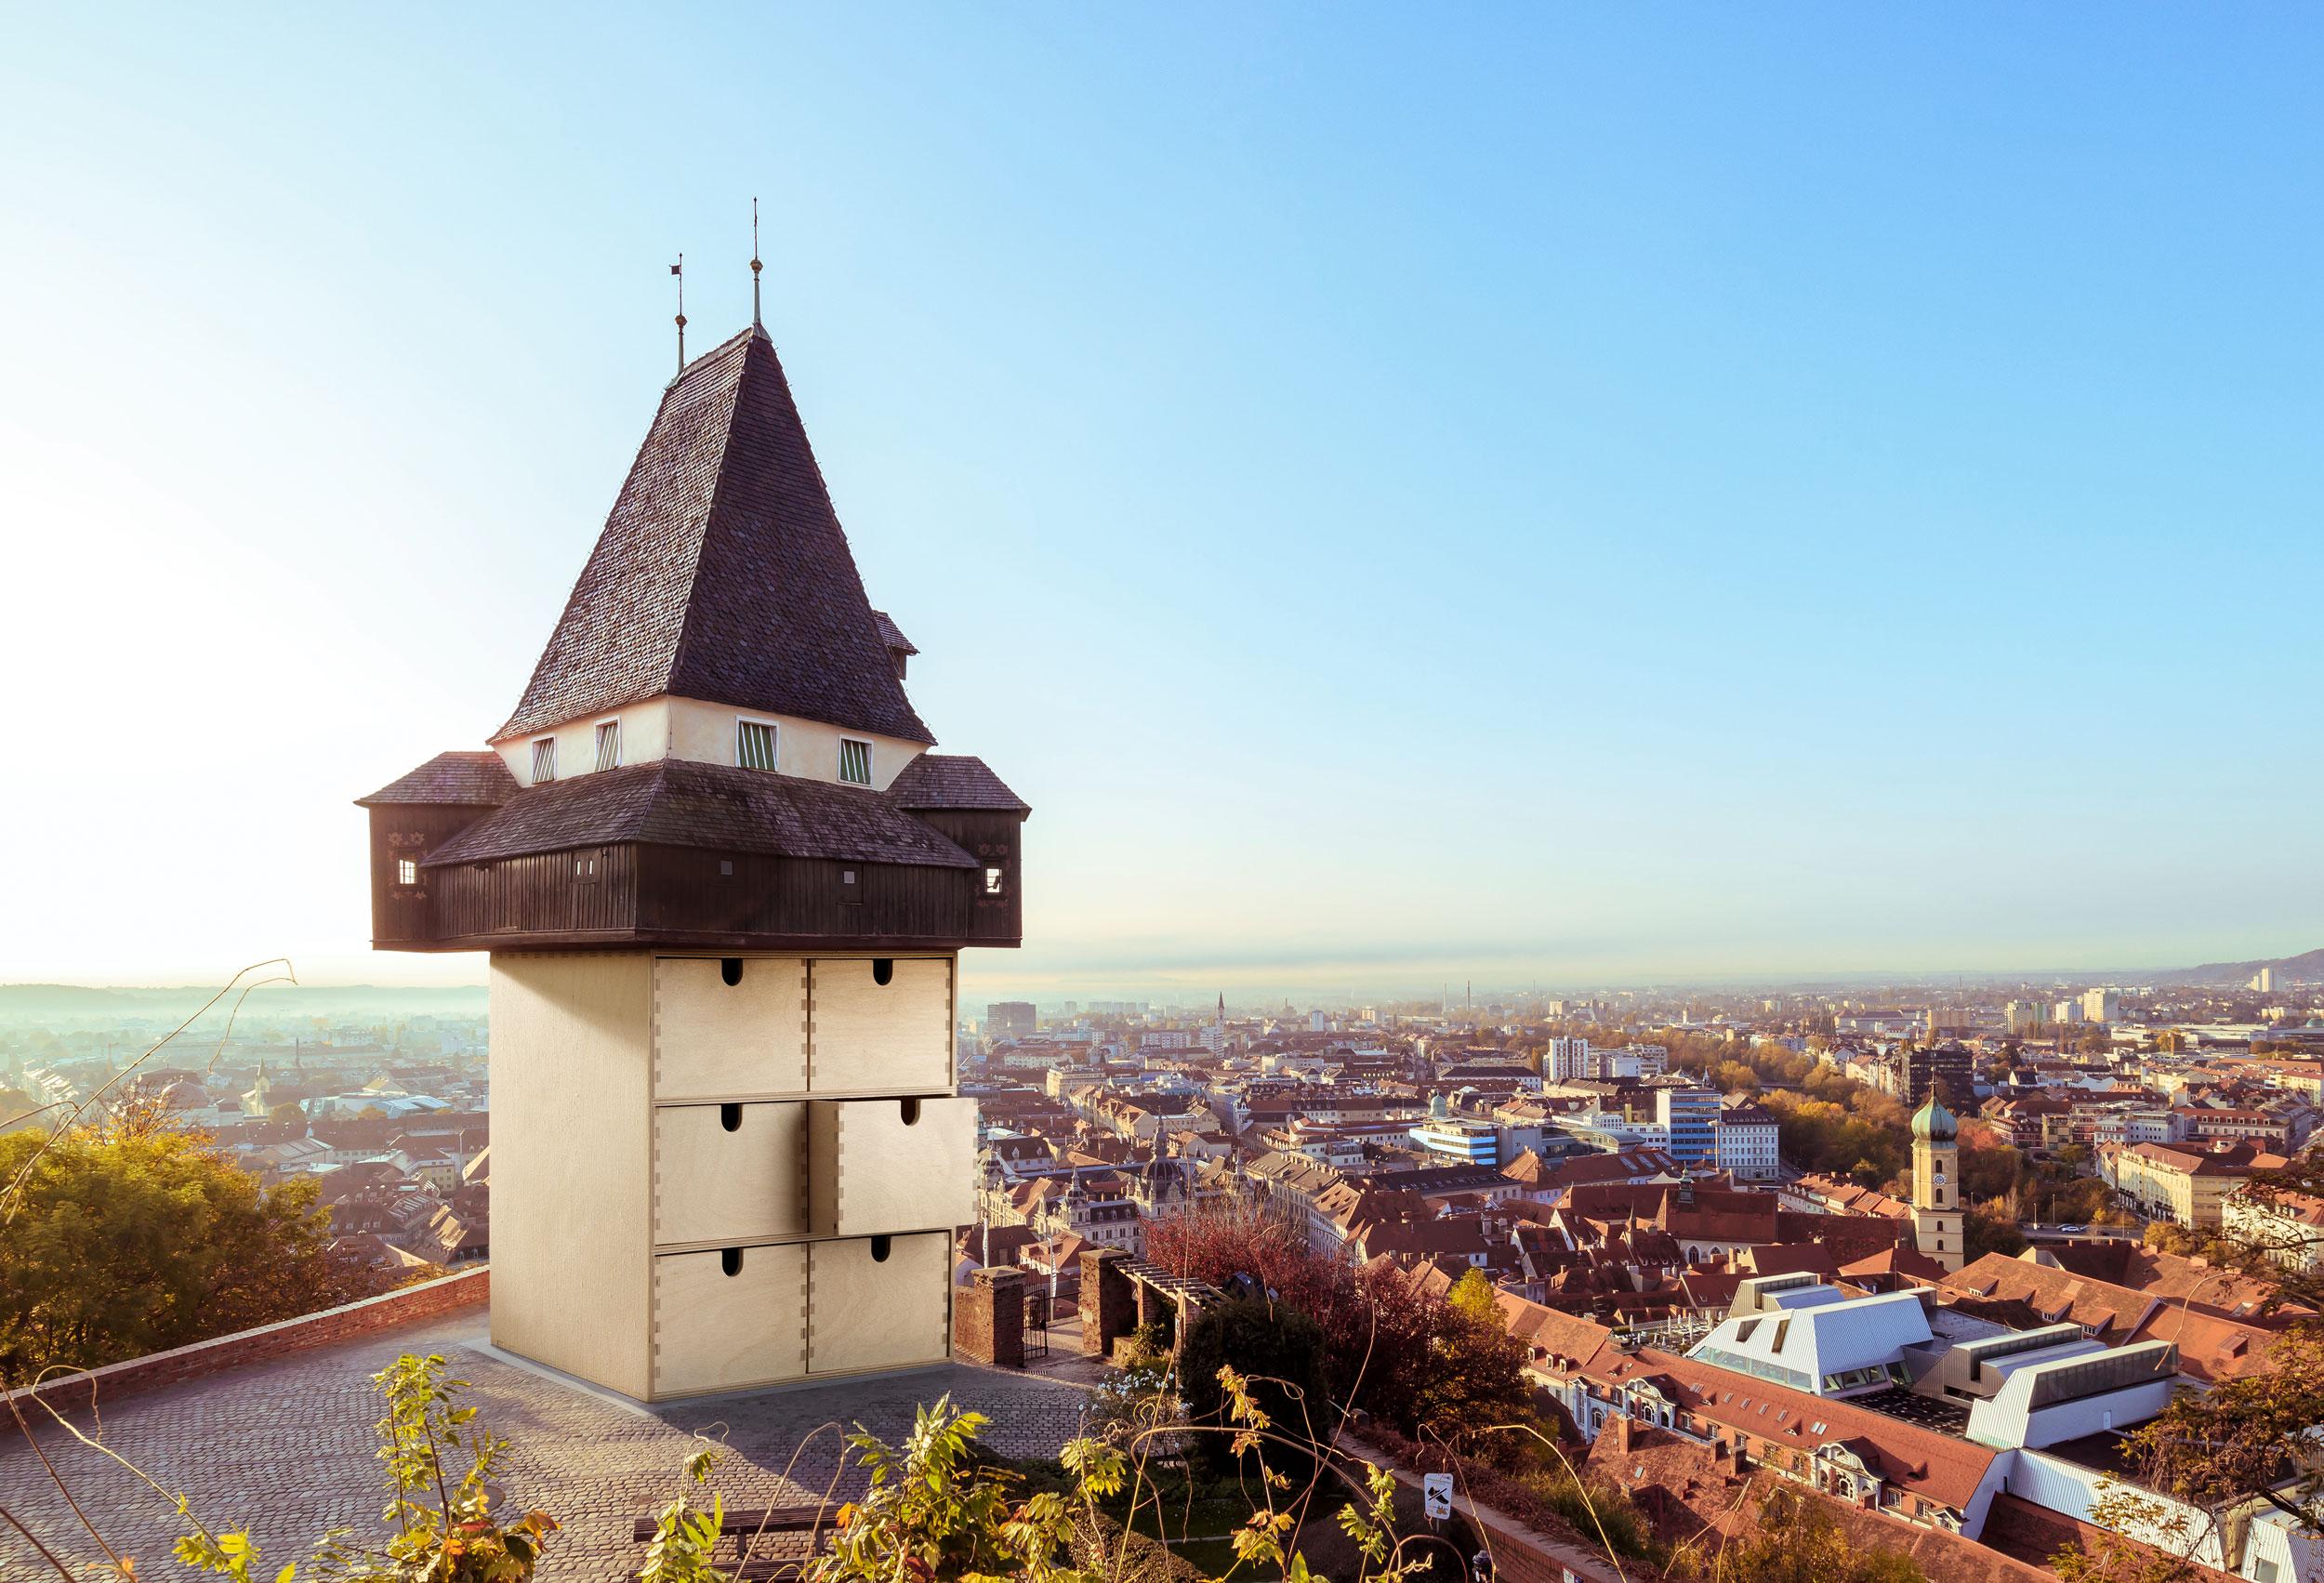 Blaupapier Bildretusche Ikea Graz Uhrturm